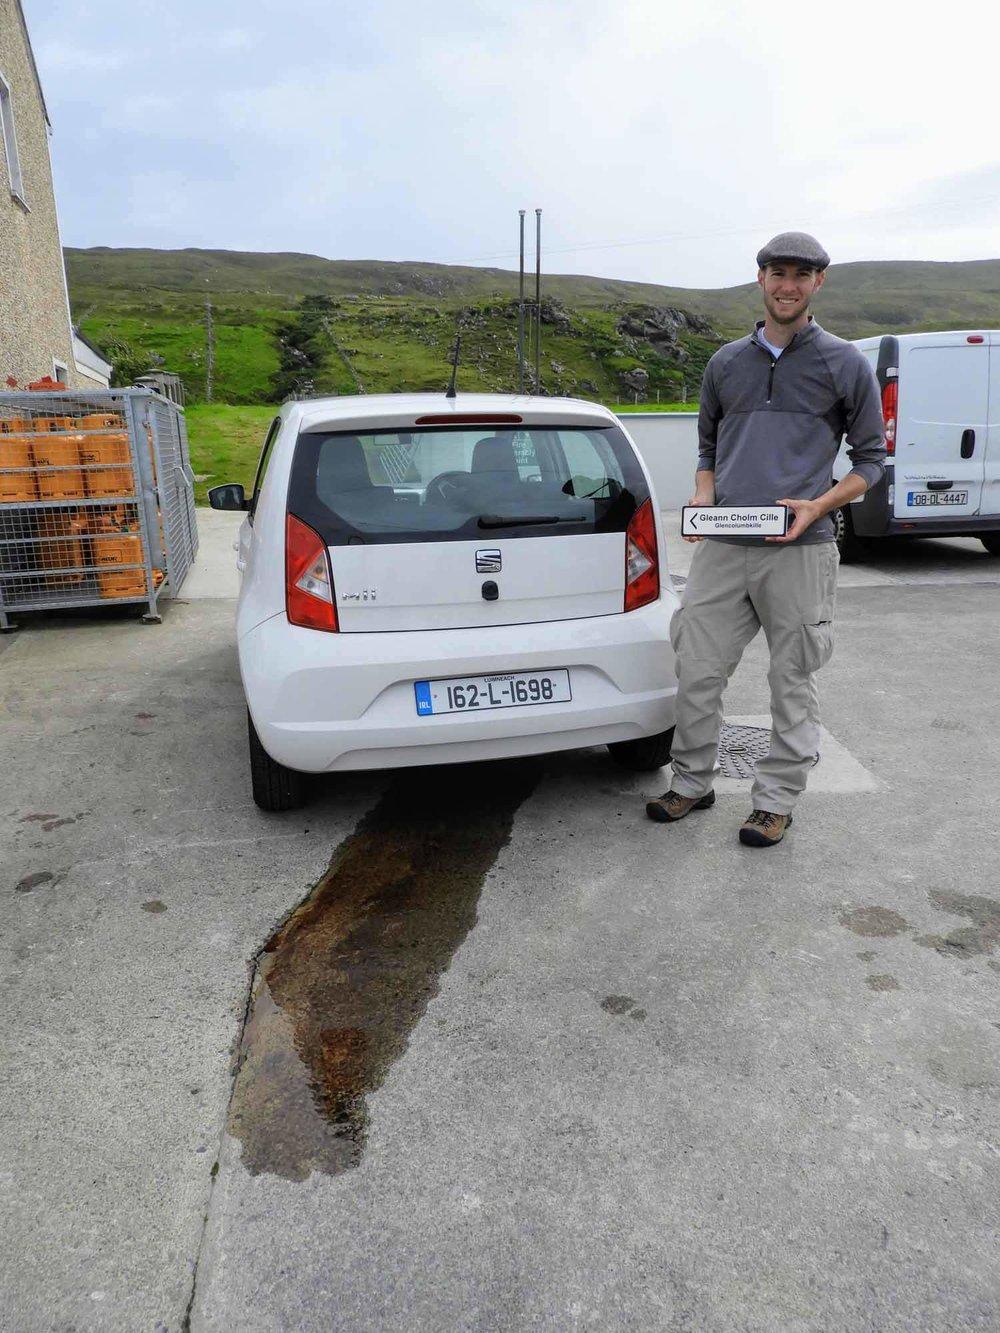 ireland-donegal-glencolumbkille-gleann-cholm-cille-car-broken-oil-leak.jpg